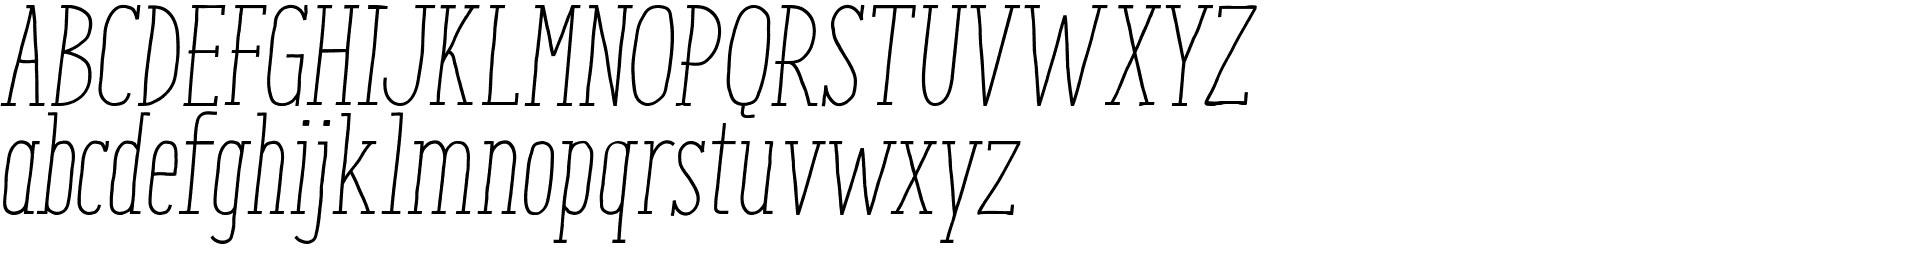 Enyo Slab Light Italic